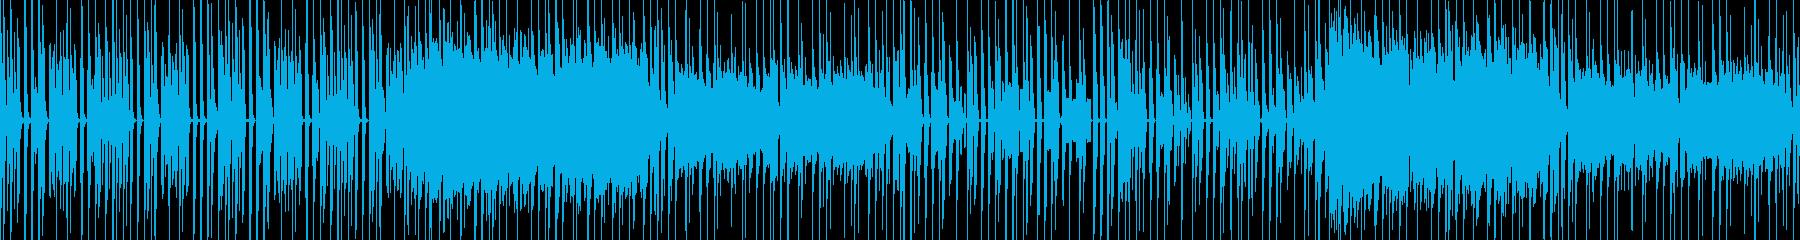 動画・配信向けかわいい休日っぽさのある曲の再生済みの波形